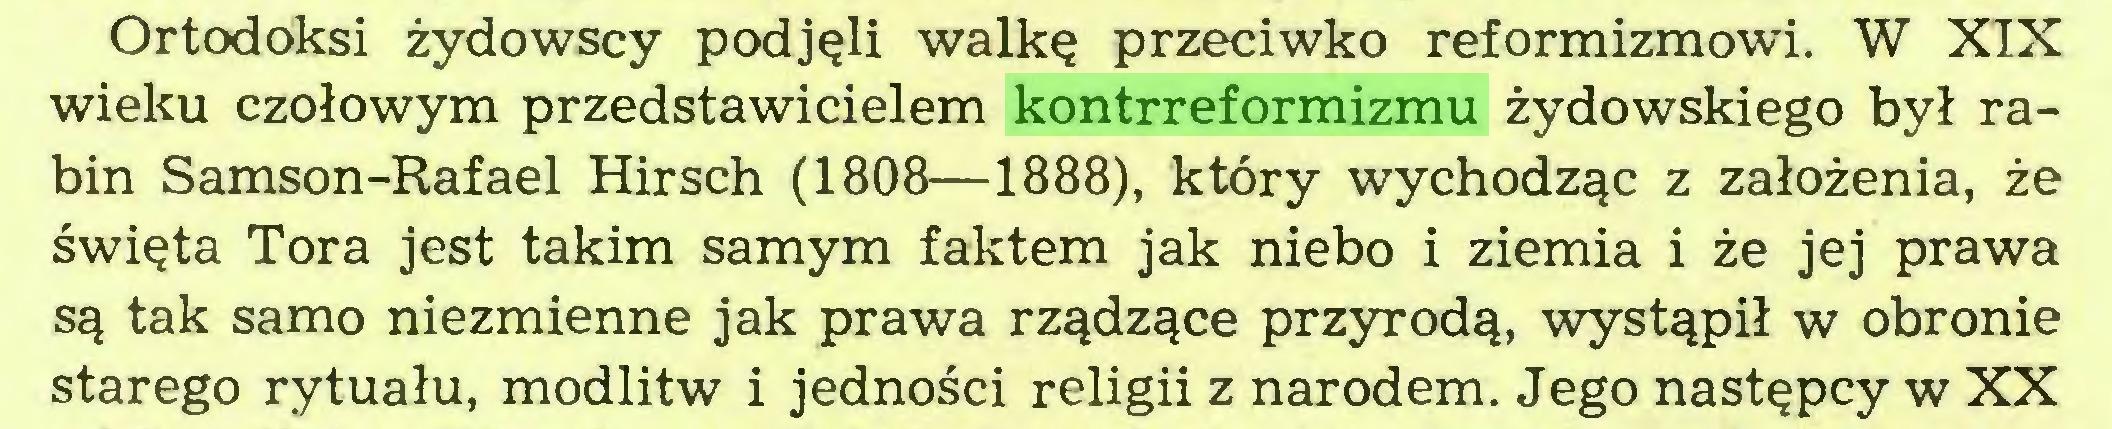 (...) Ortodoksi żydowscy podjęli walkę przeciwko reformizmowi. W XIX wieku czołowym przedstawicielem kontrreformizmu żydowskiego był rabin Samson-Rafael Hirsch (1808—1888), który wychodząc z założenia, że święta Tora jest takim samym faktem jak niebo i ziemia i że jej prawa są tak samo niezmienne jak prawa rządzące przyrodą, wystąpił w obronie starego rytuału, modlitw i jedności religii z narodem. Jego następcy w XX...